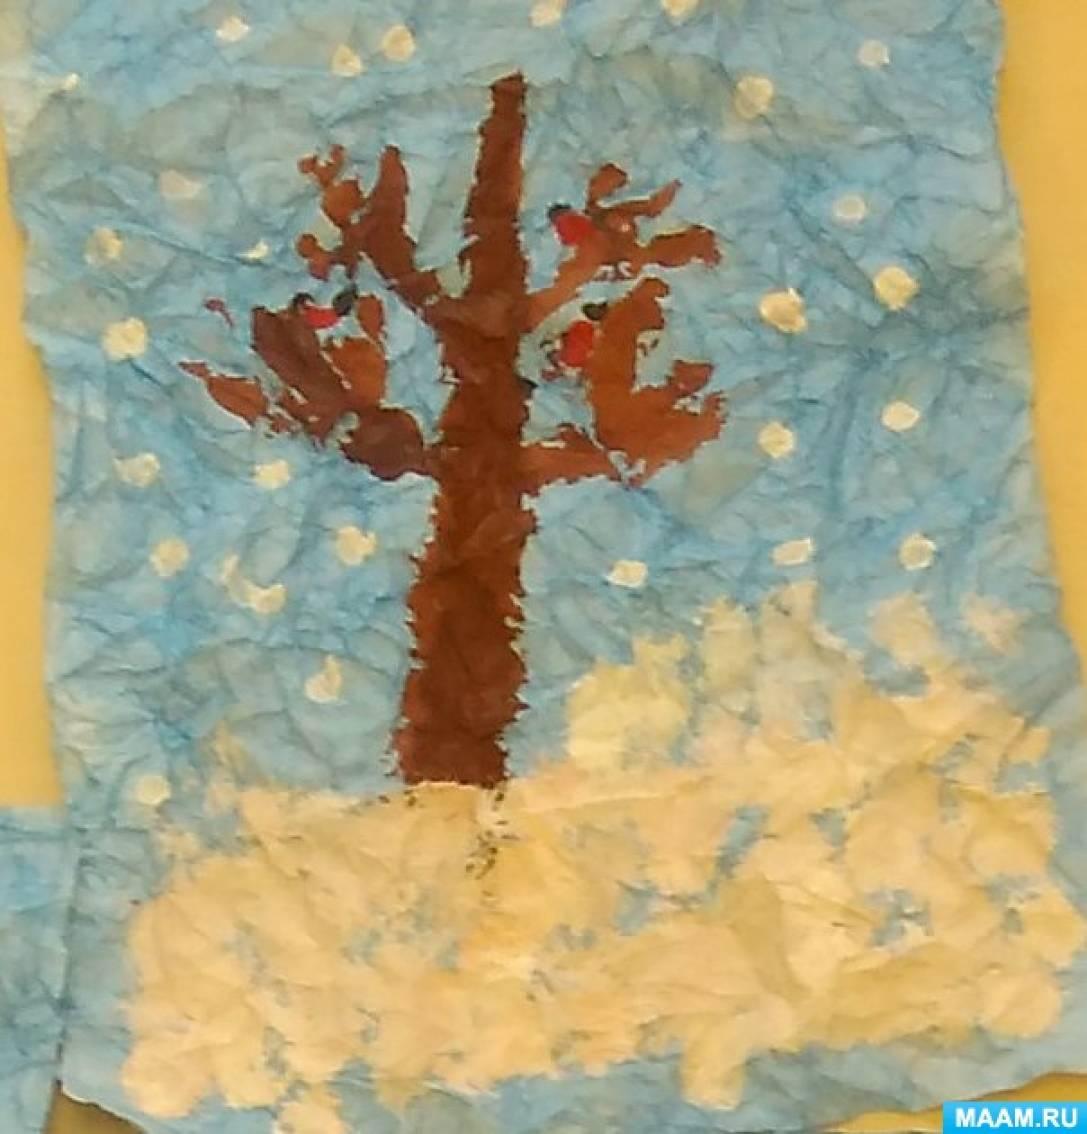 Снежное дерево рисунок оттиск смятой бумаги